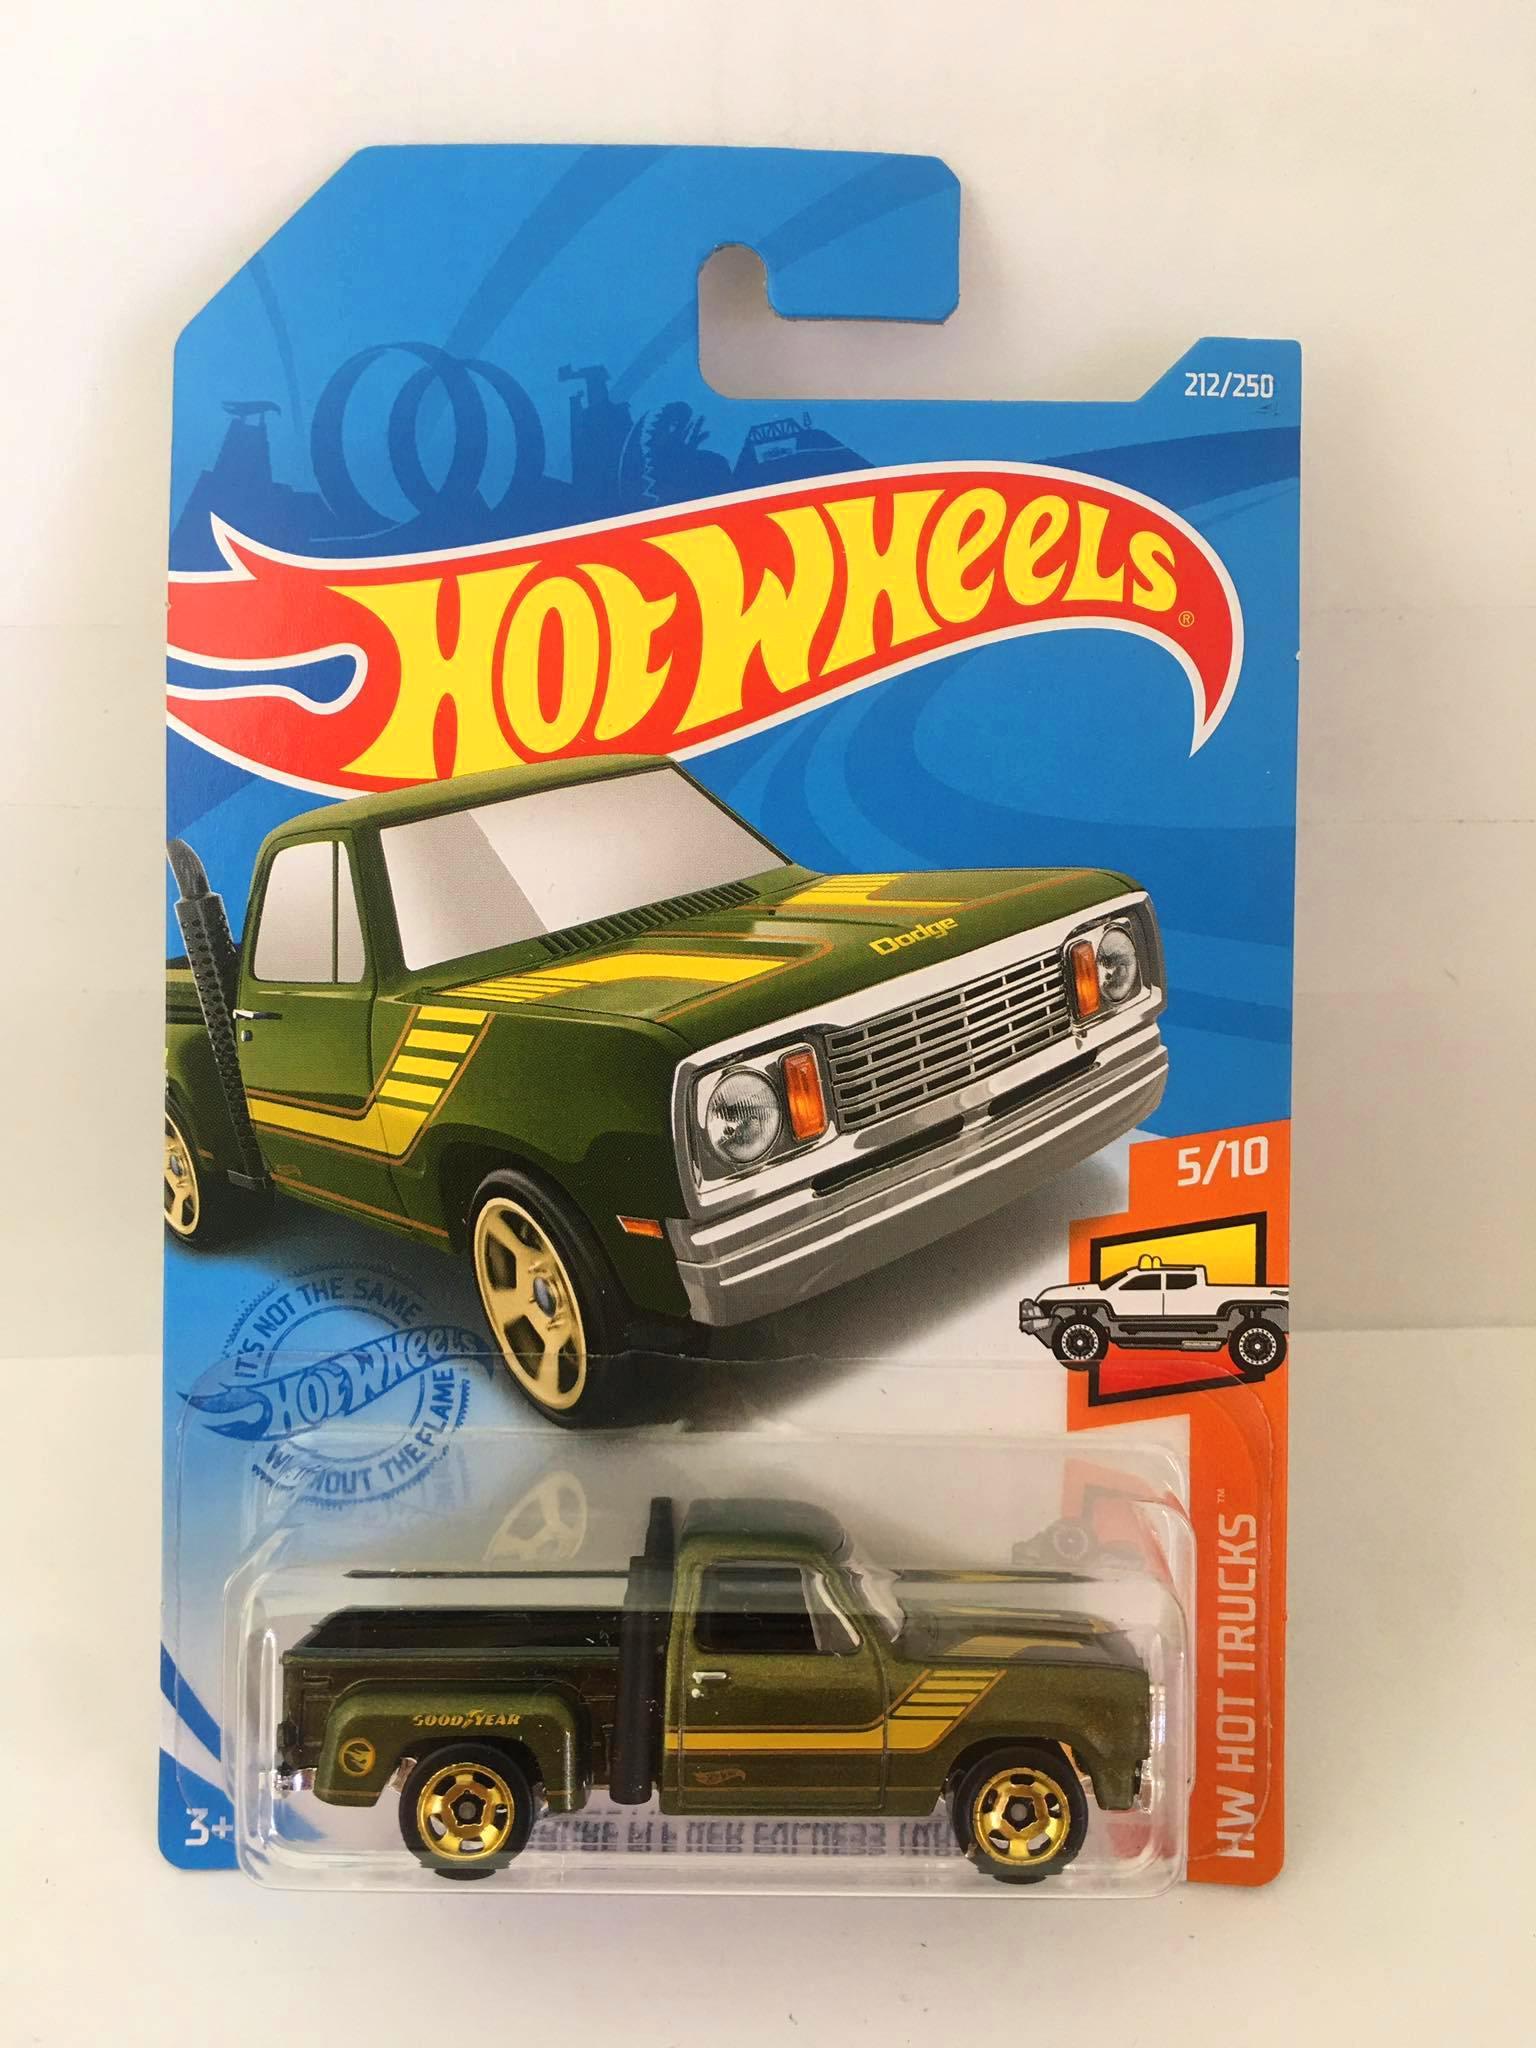 Hot Wheels - 1978 Dodge LI'T Red Express Truck Verde - Mainline 2021